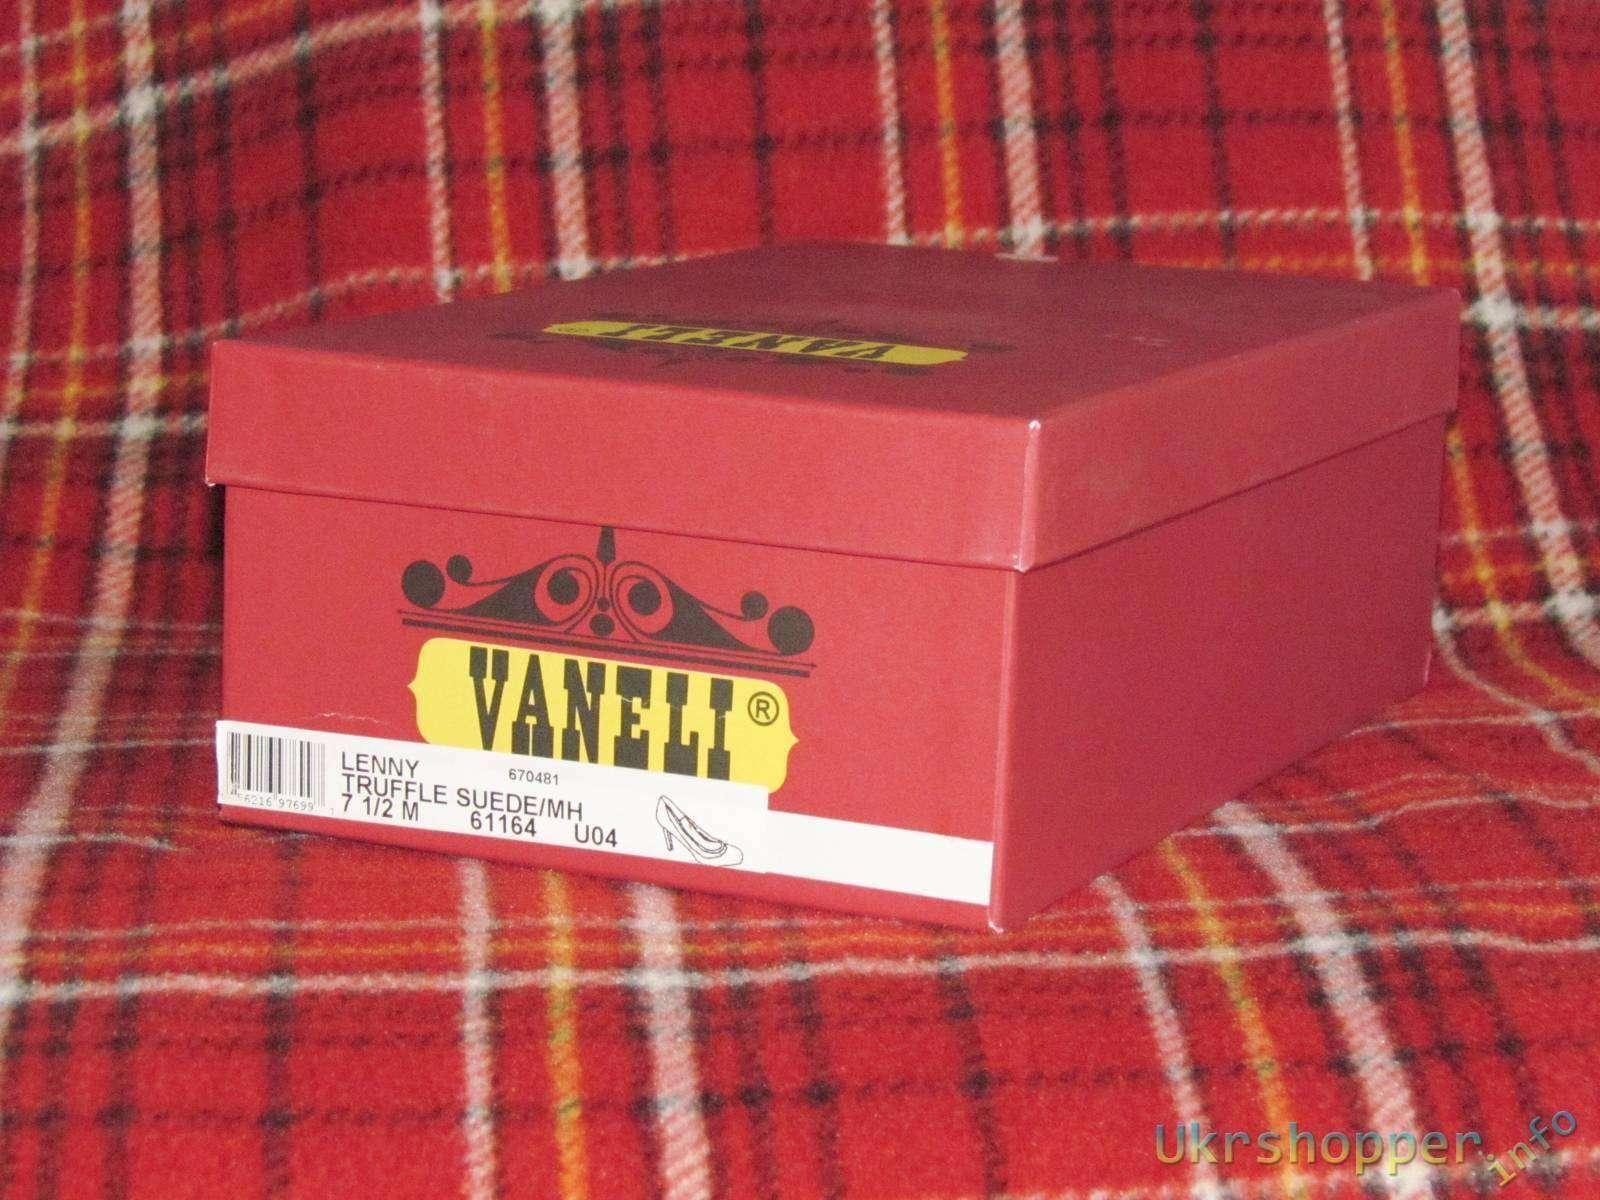 6pm: Женские туфли Vaneli Lenny за отличную цену